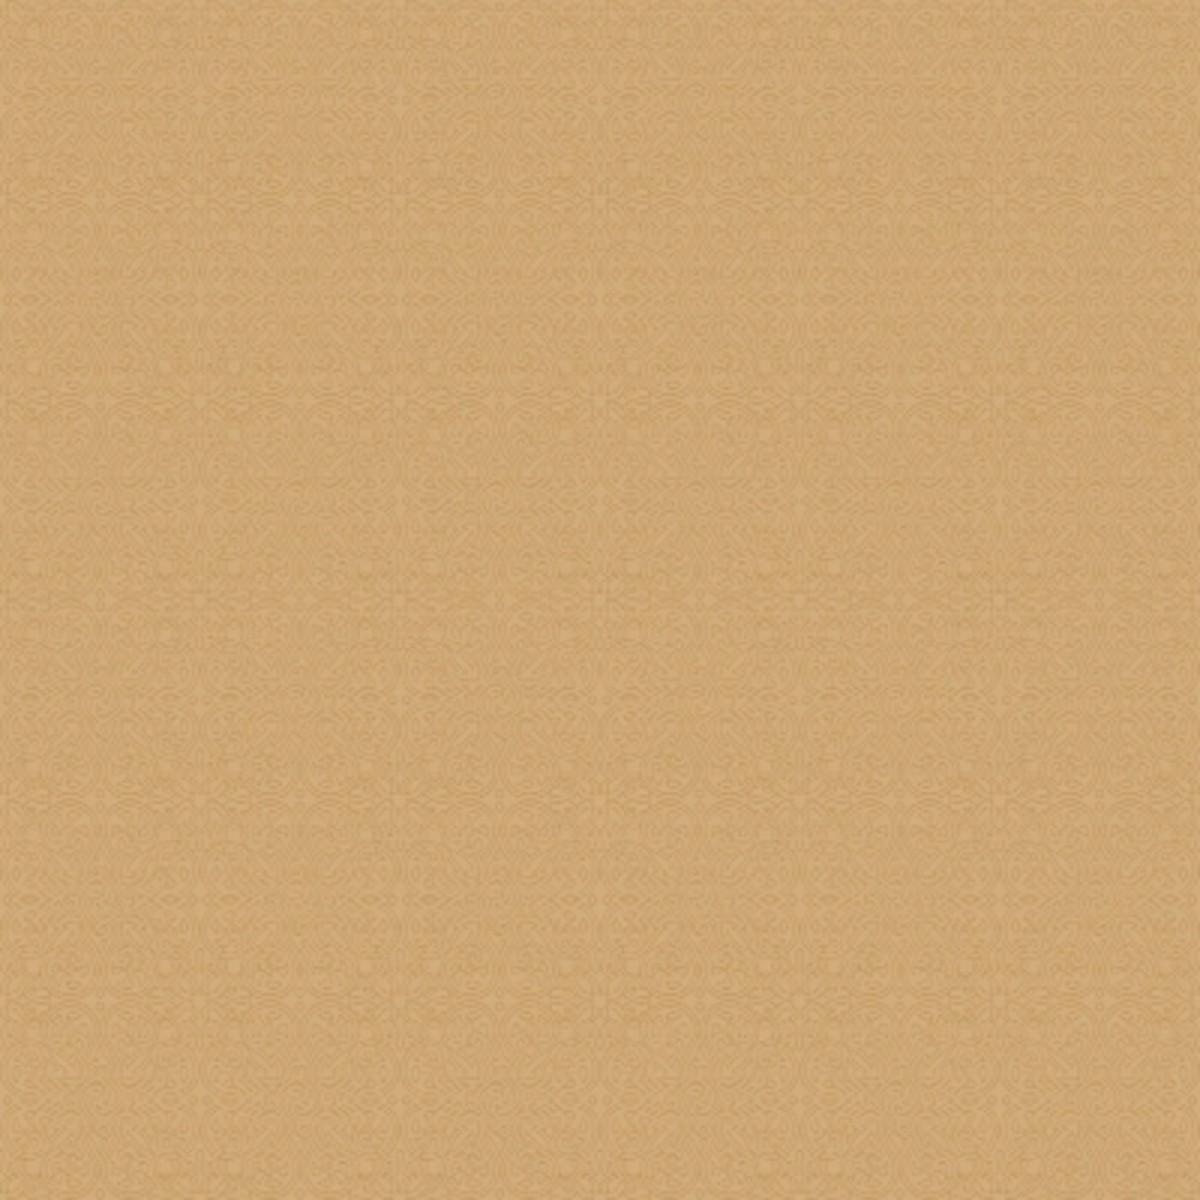 Флизелиновые обои Aura Studio Edition желтые 345444 0.52 м